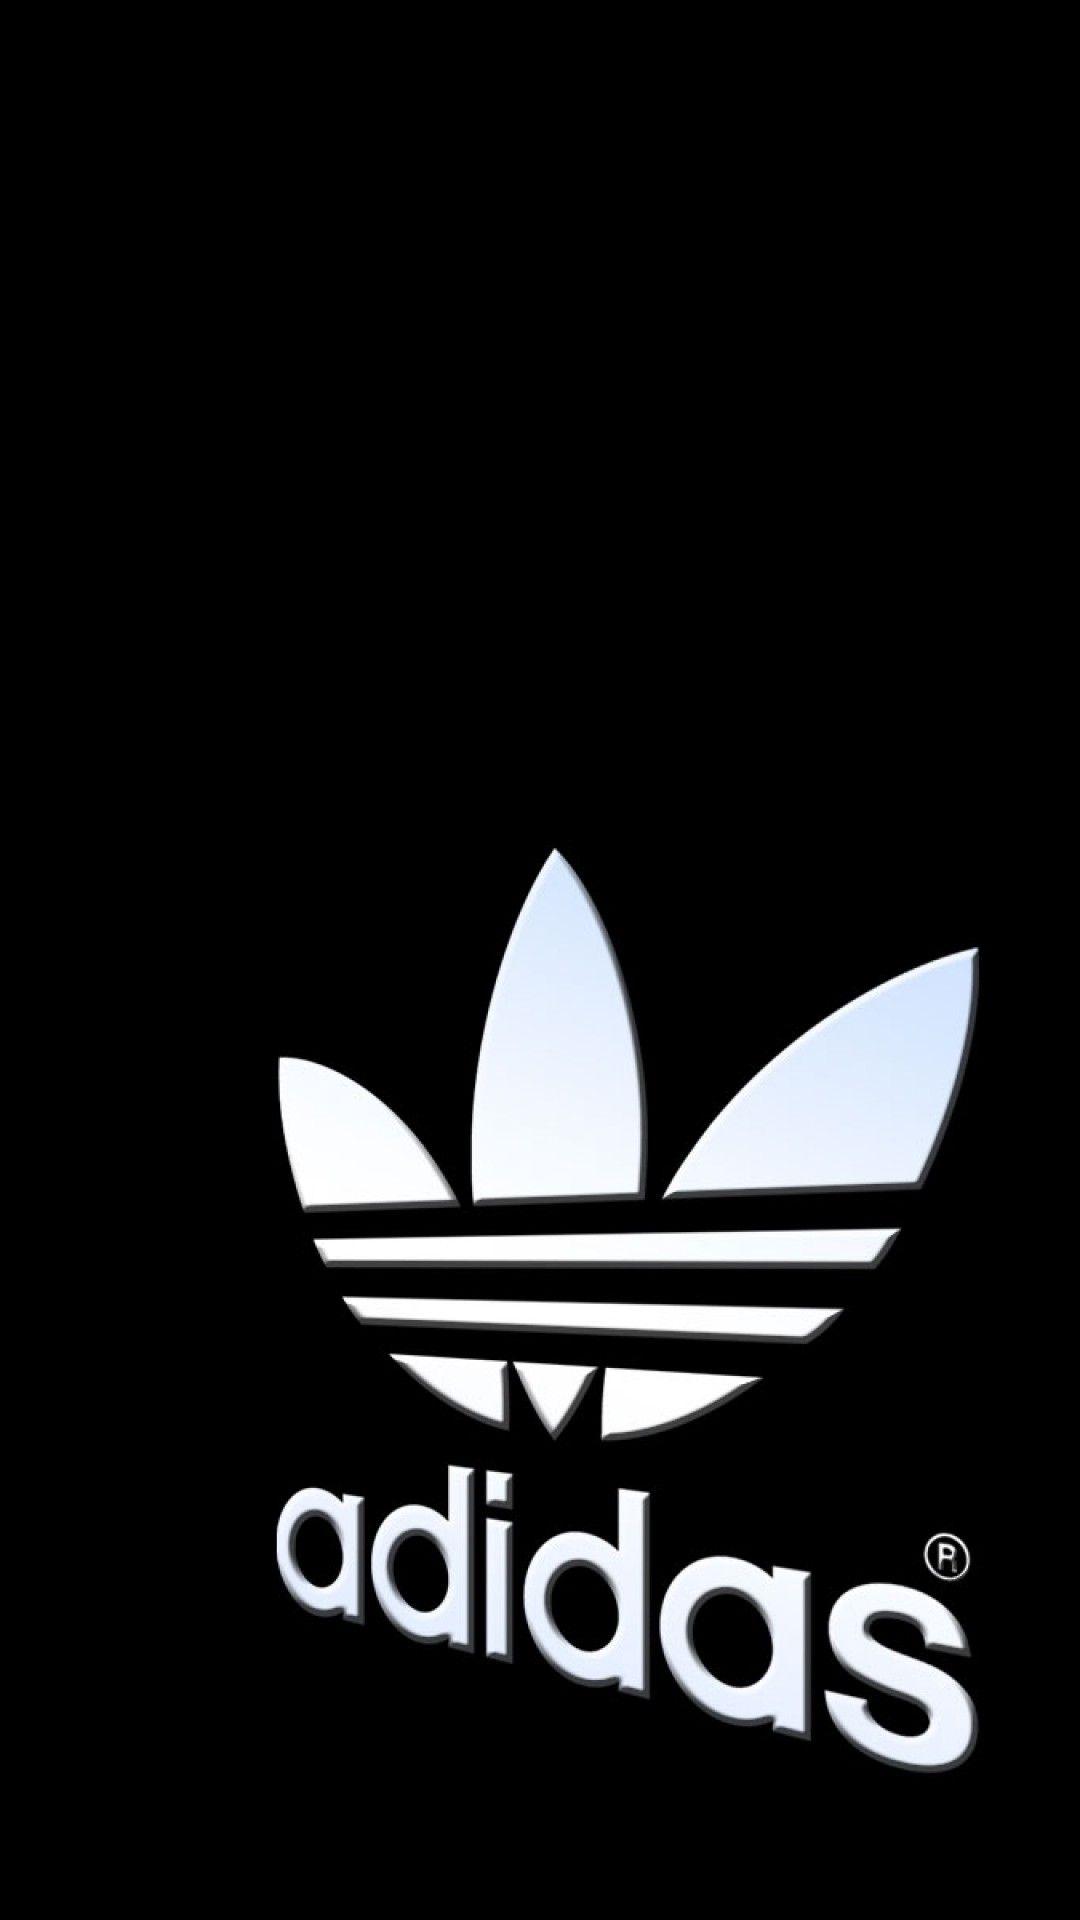 Black Adidas Logo Wallpapers On Wallpaperdog